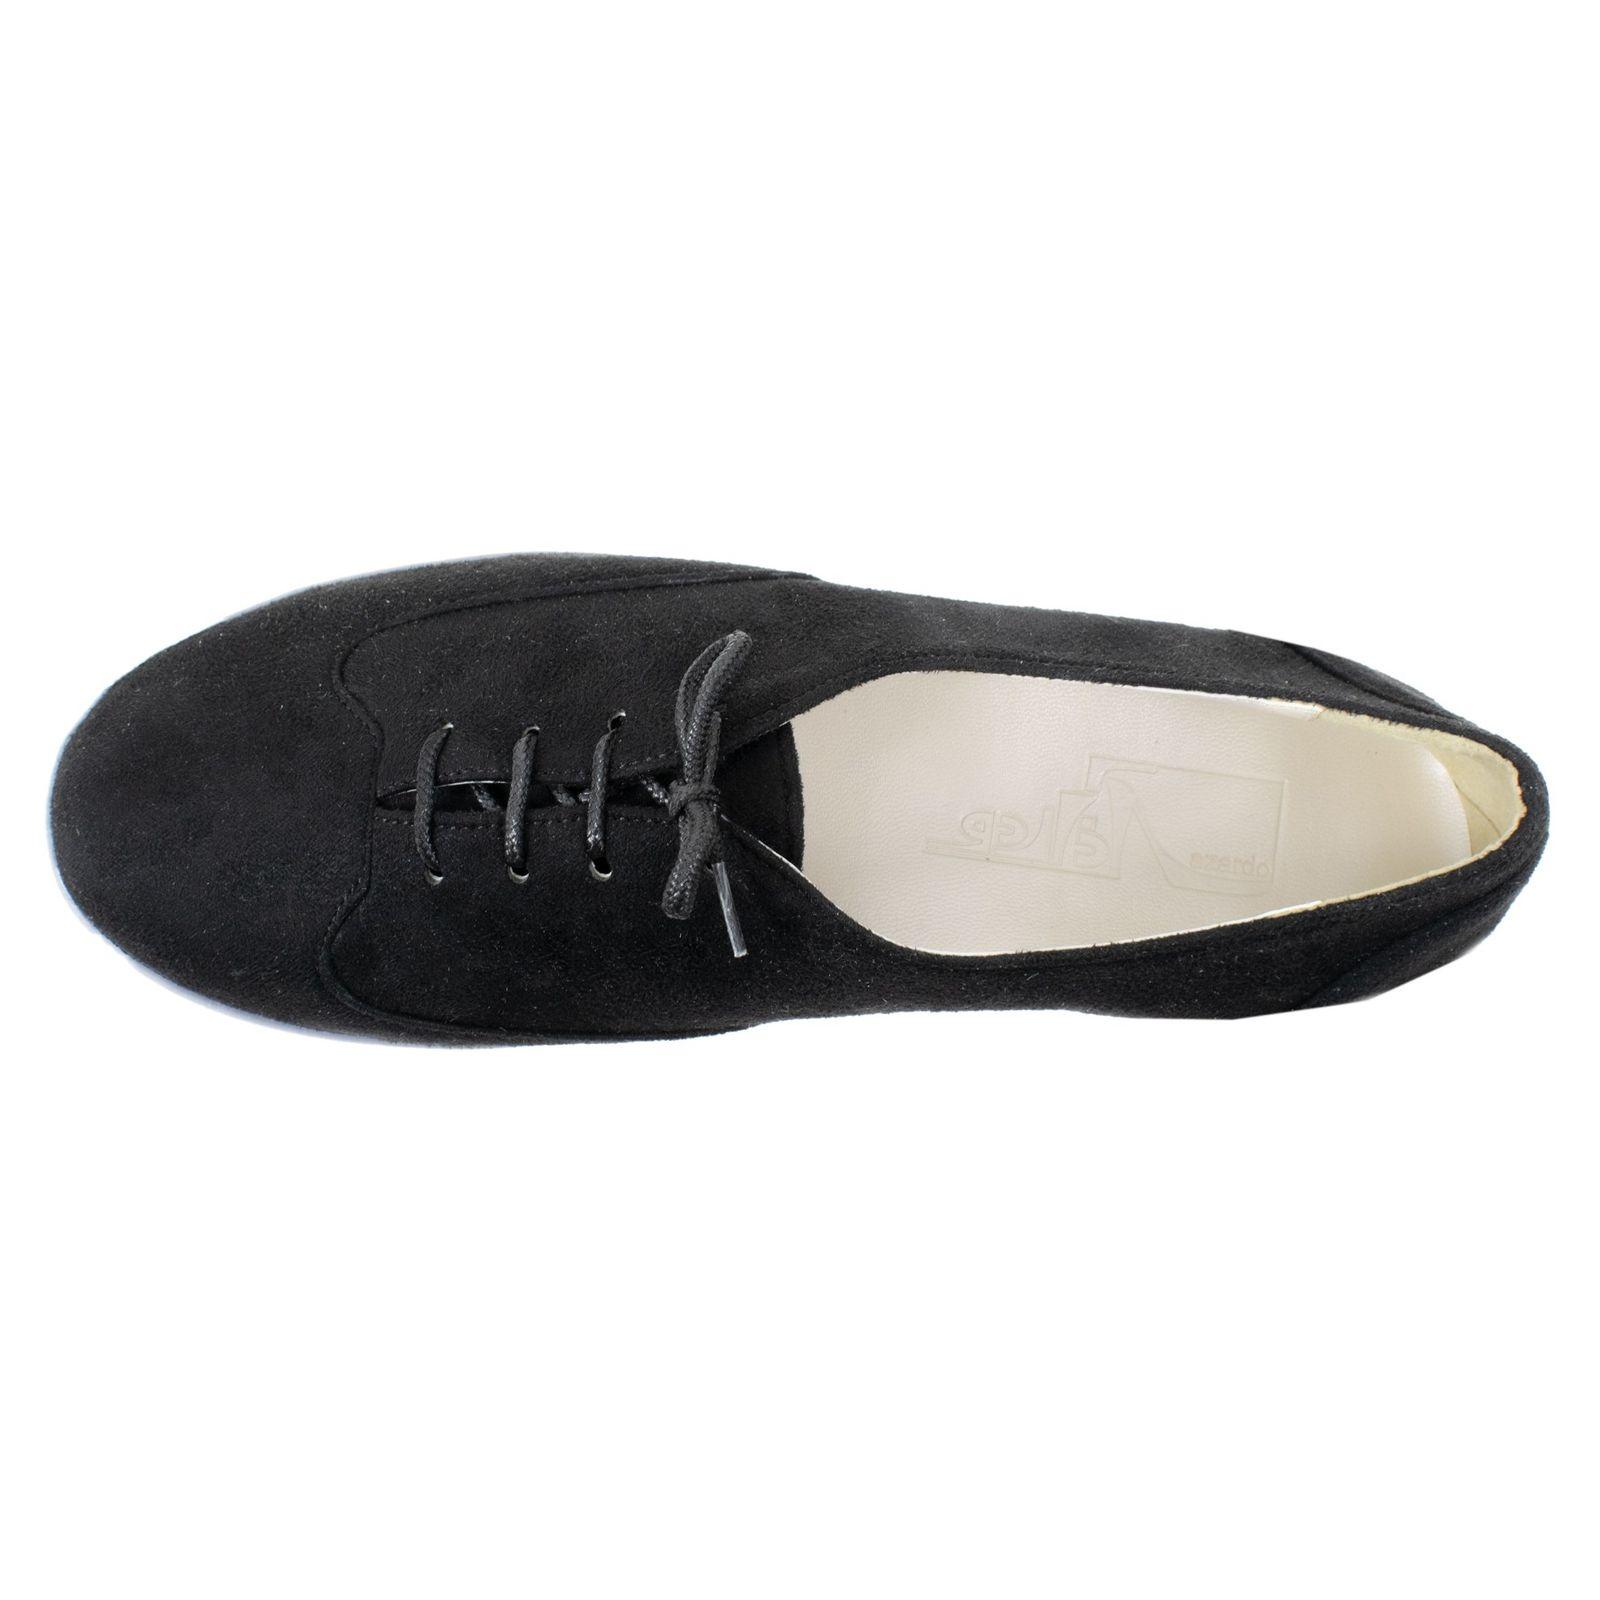 کفش روزمره زنانه آذاردو مدل W03705 main 1 4